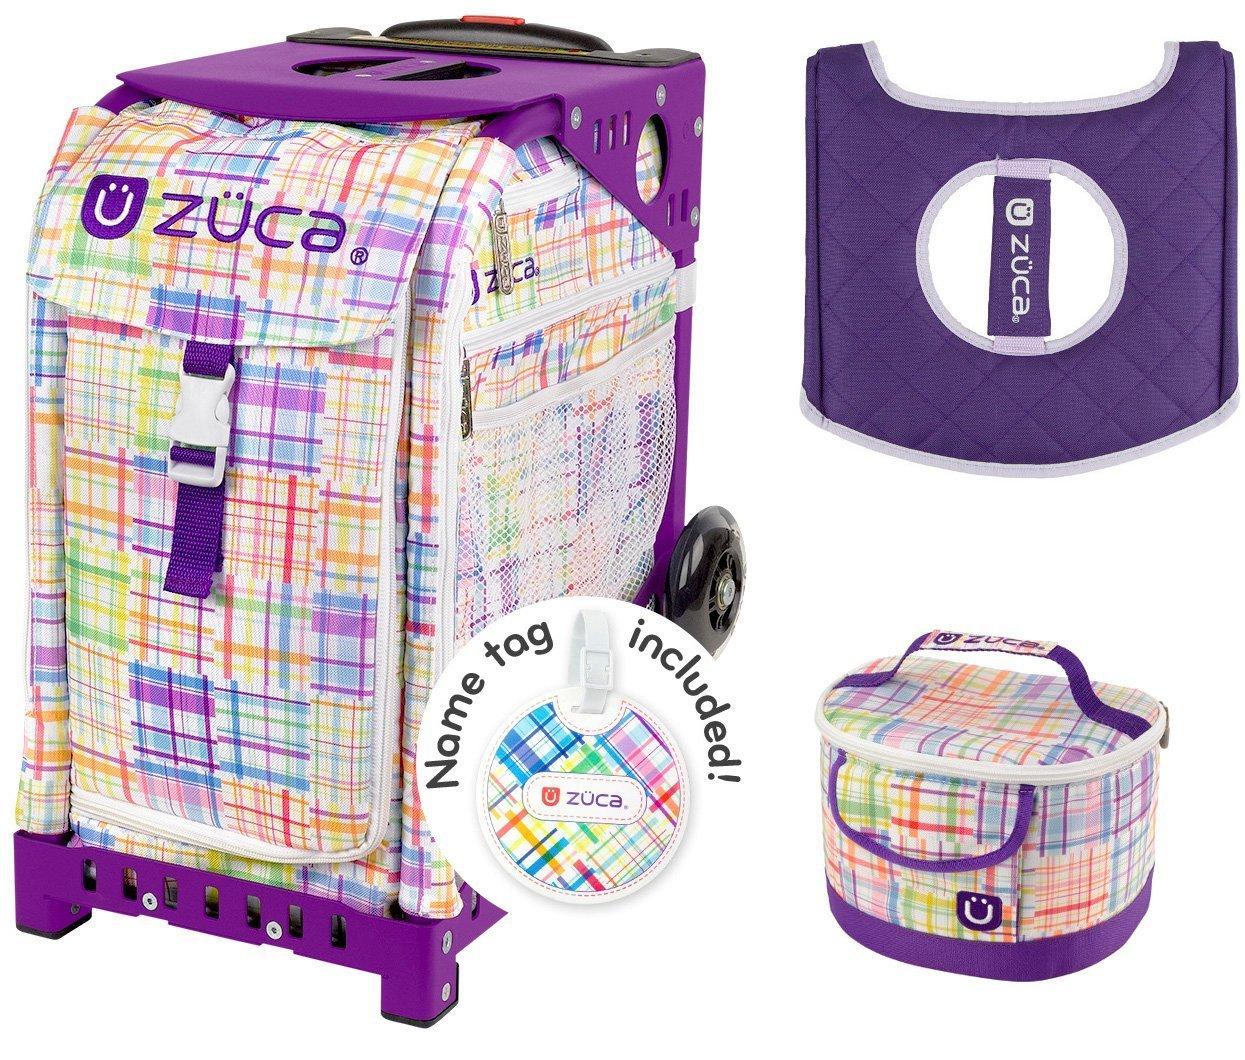 Zucaスポーツバッグ – パッチワークwithギフトLunchboxとシートカバーフレーム(パープル) B073ZGNKB9 Parent